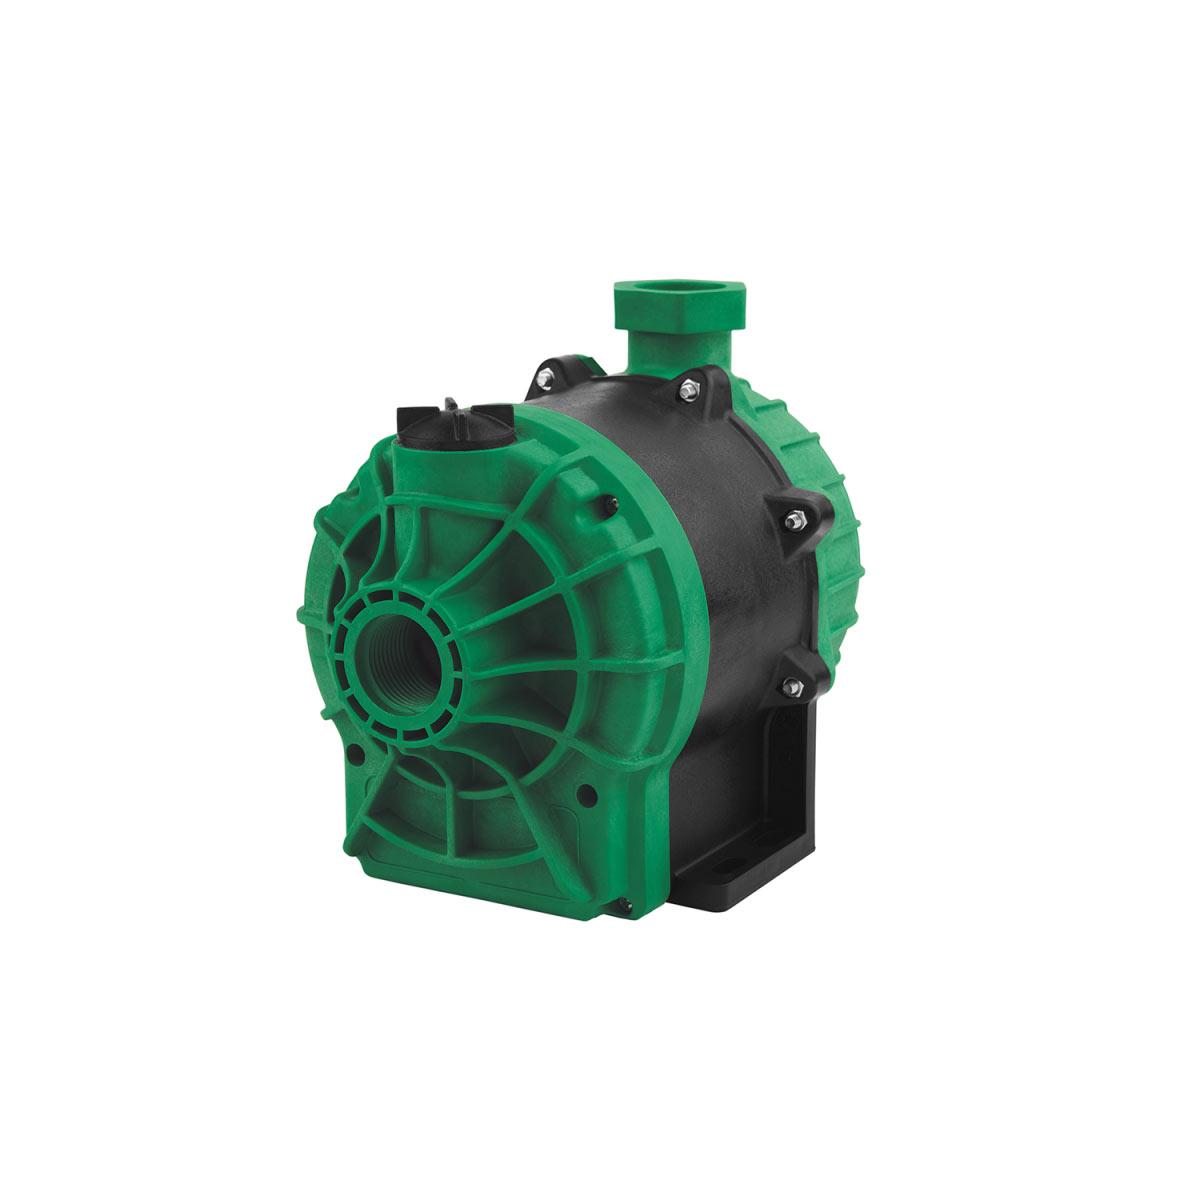 Bomba Pressurização Fluxostato Interno Syllent Aqquant MB71E0027A5 1 CV Monofásica 220V